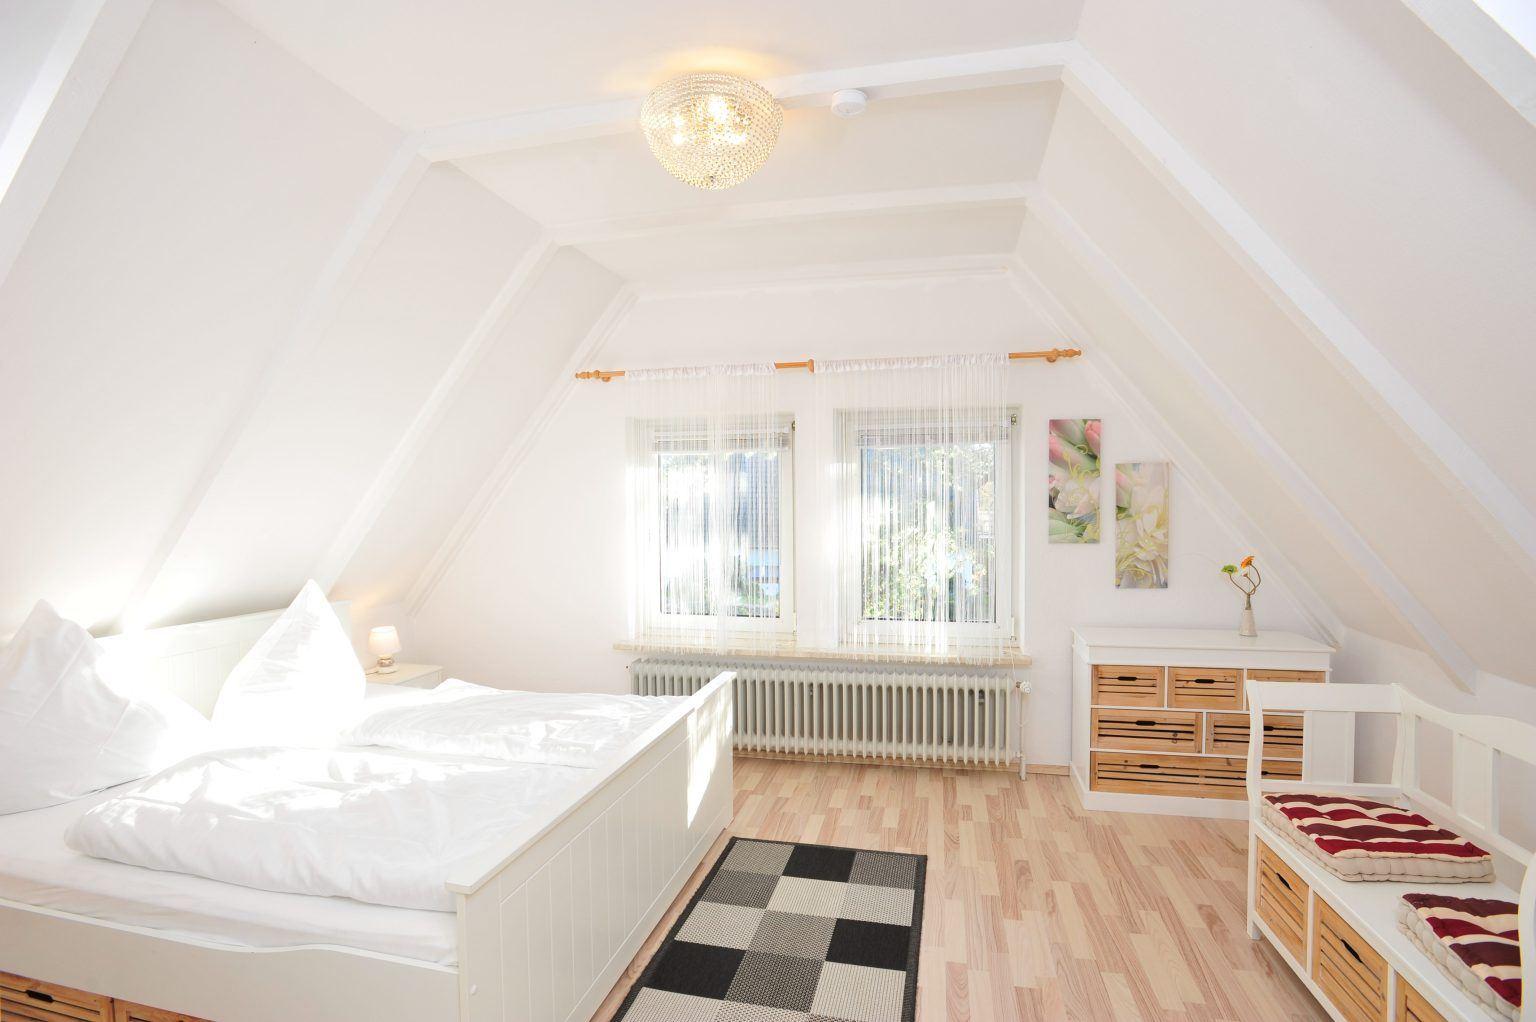 """1. Schlafzimmer Haus Kuddel und Hein, Haushälfte """"Kuddel"""", 4-Zimmer-Ferienhaus für bis zu 6 Personen, Gorch-Fock-Weg 31, St. Peter-Bad"""